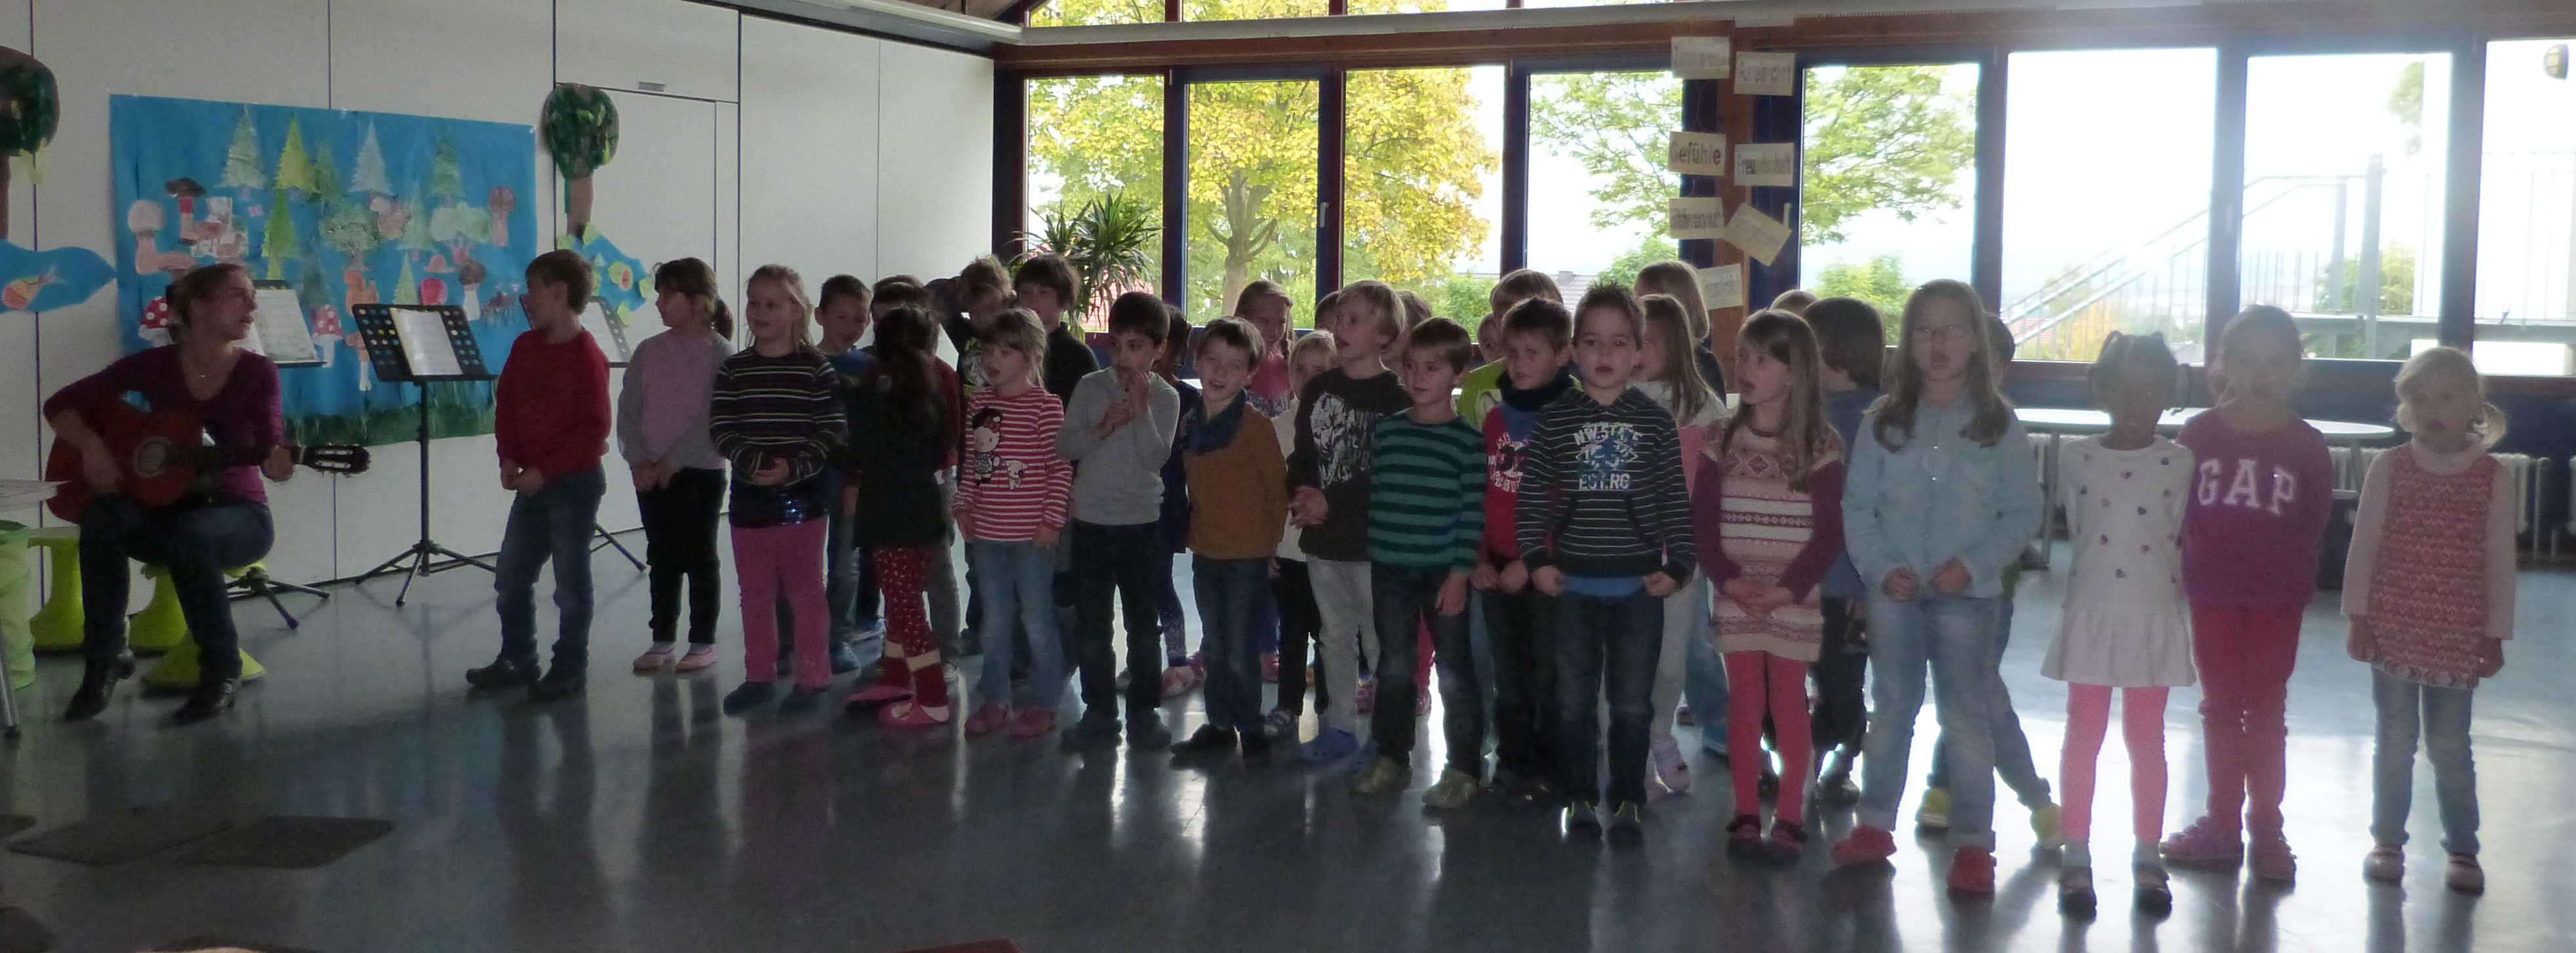 2015.10.16. Schulversammlung 01